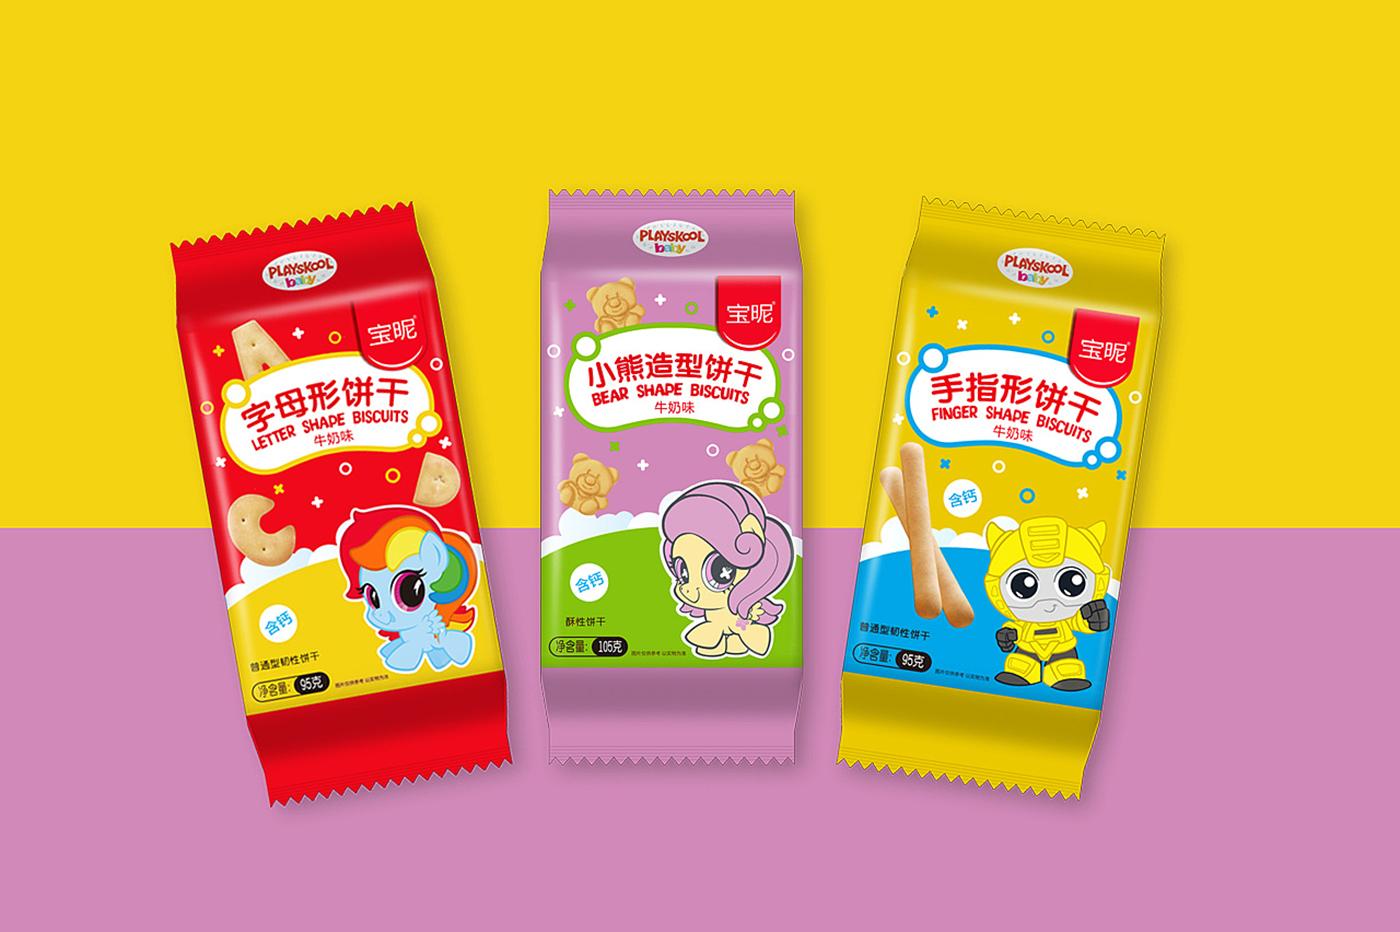 宝昵儿童饼干包装设计图1